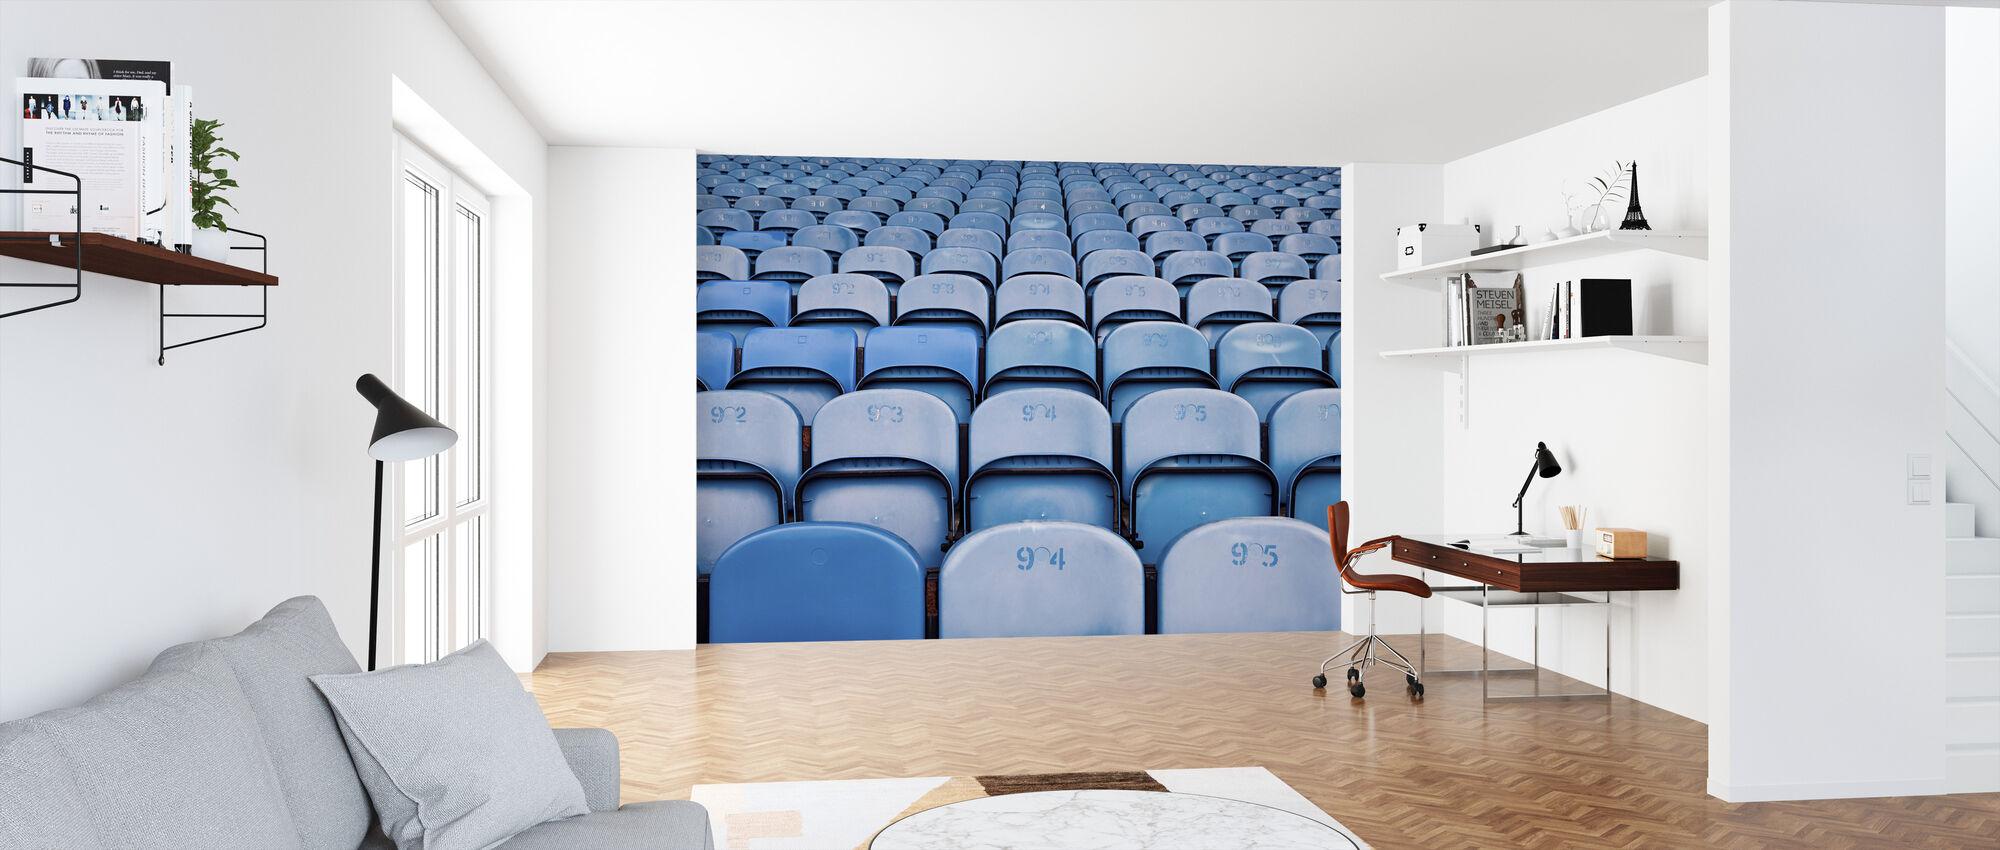 Blue Lighter Chairs - Wallpaper - Office